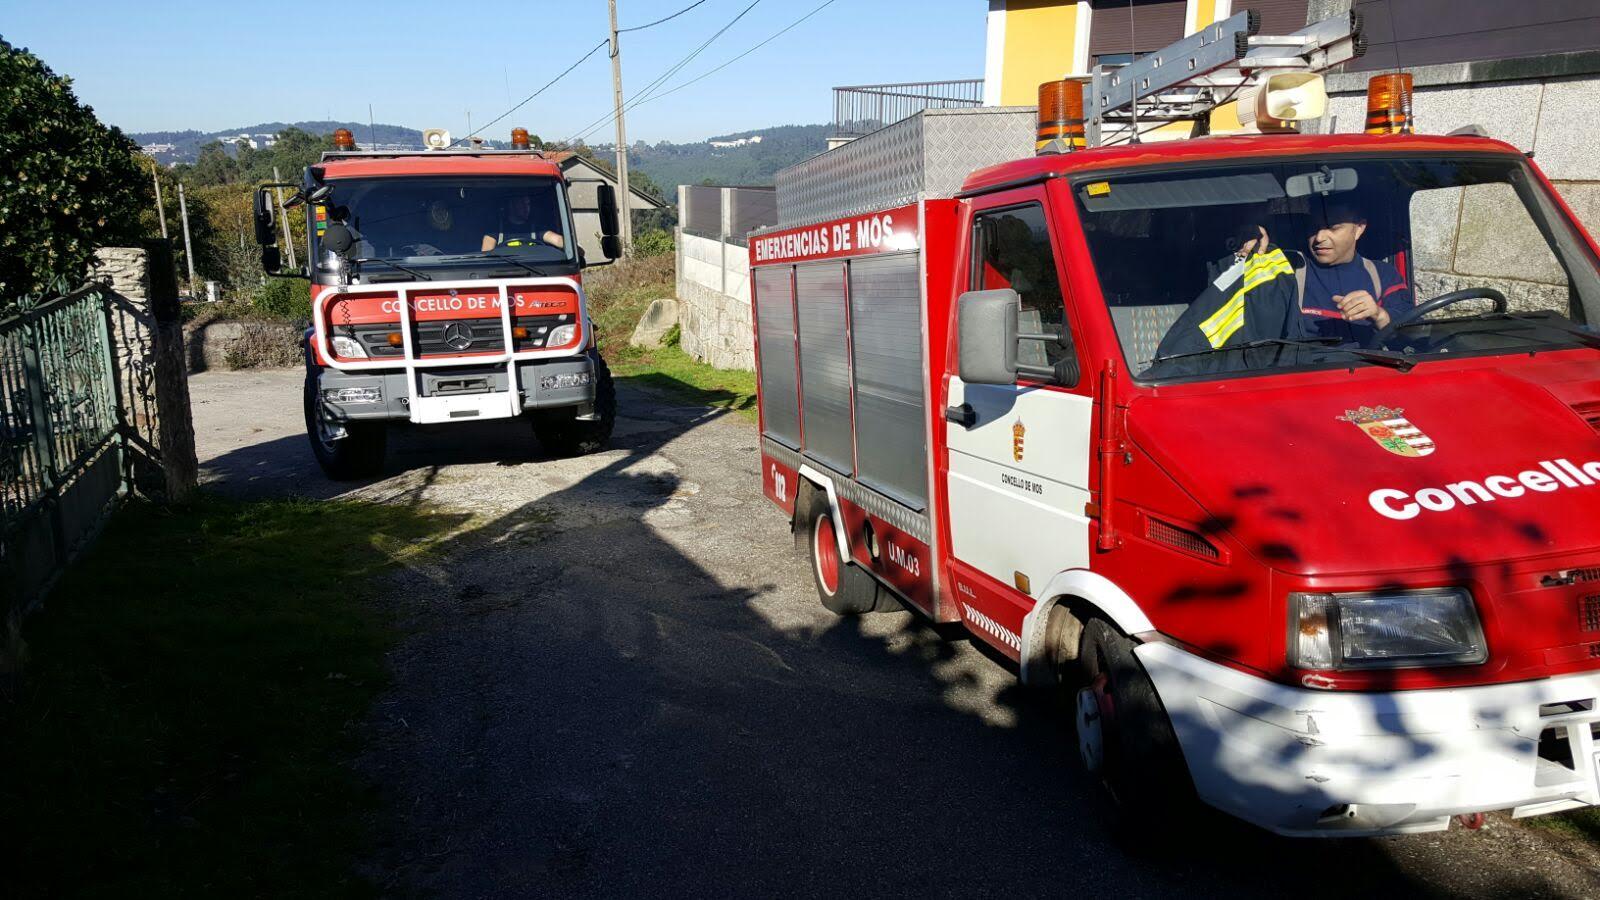 camion-atrapado01